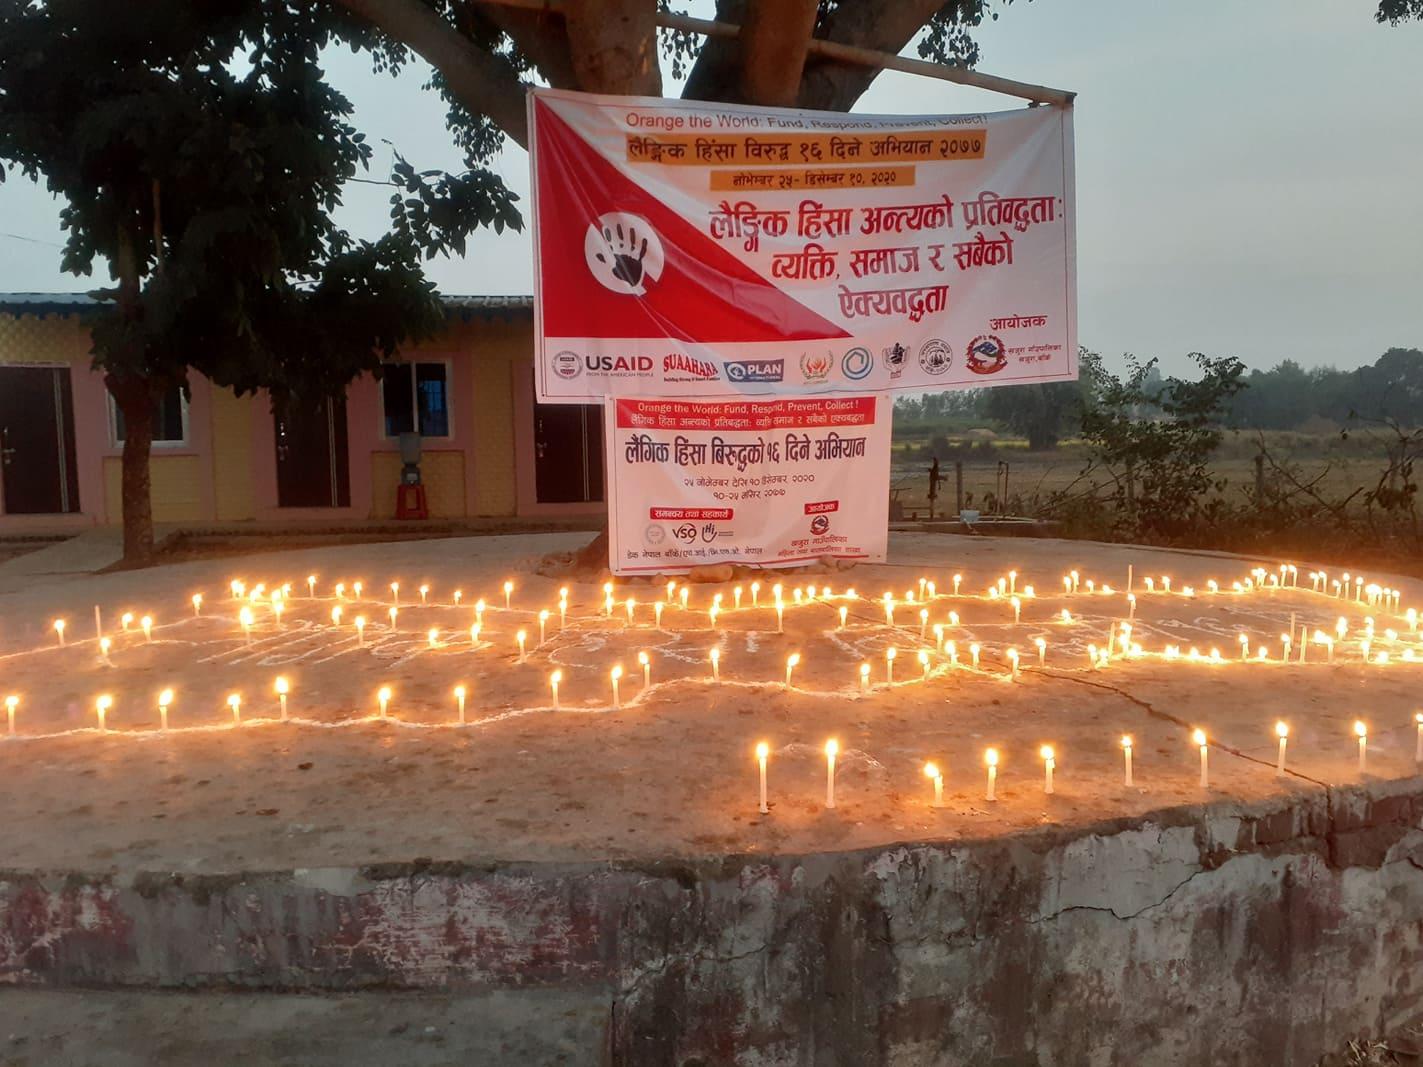 लैङ्गिक हिंसाबिरुद्ध खजुरा र कोहलपुरमा द्वीप प्रज्ज्वलन (फोटो फिचर)